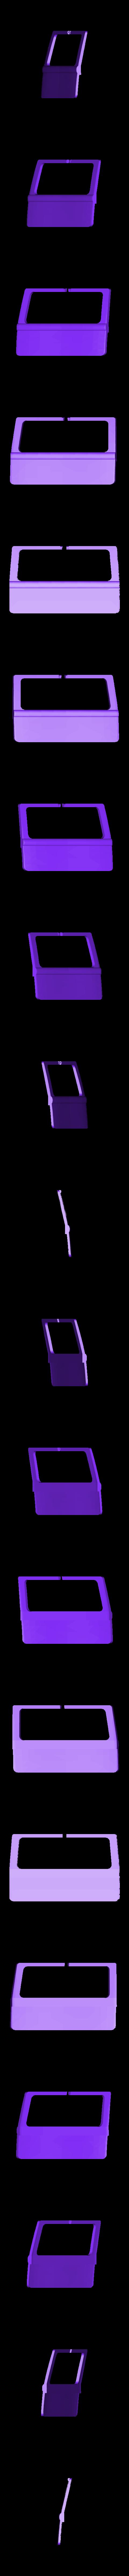 Rear_hatch.STL Télécharger fichier STL gratuit VW Kleinbus T2 • Modèle pour impression 3D, Rusichar